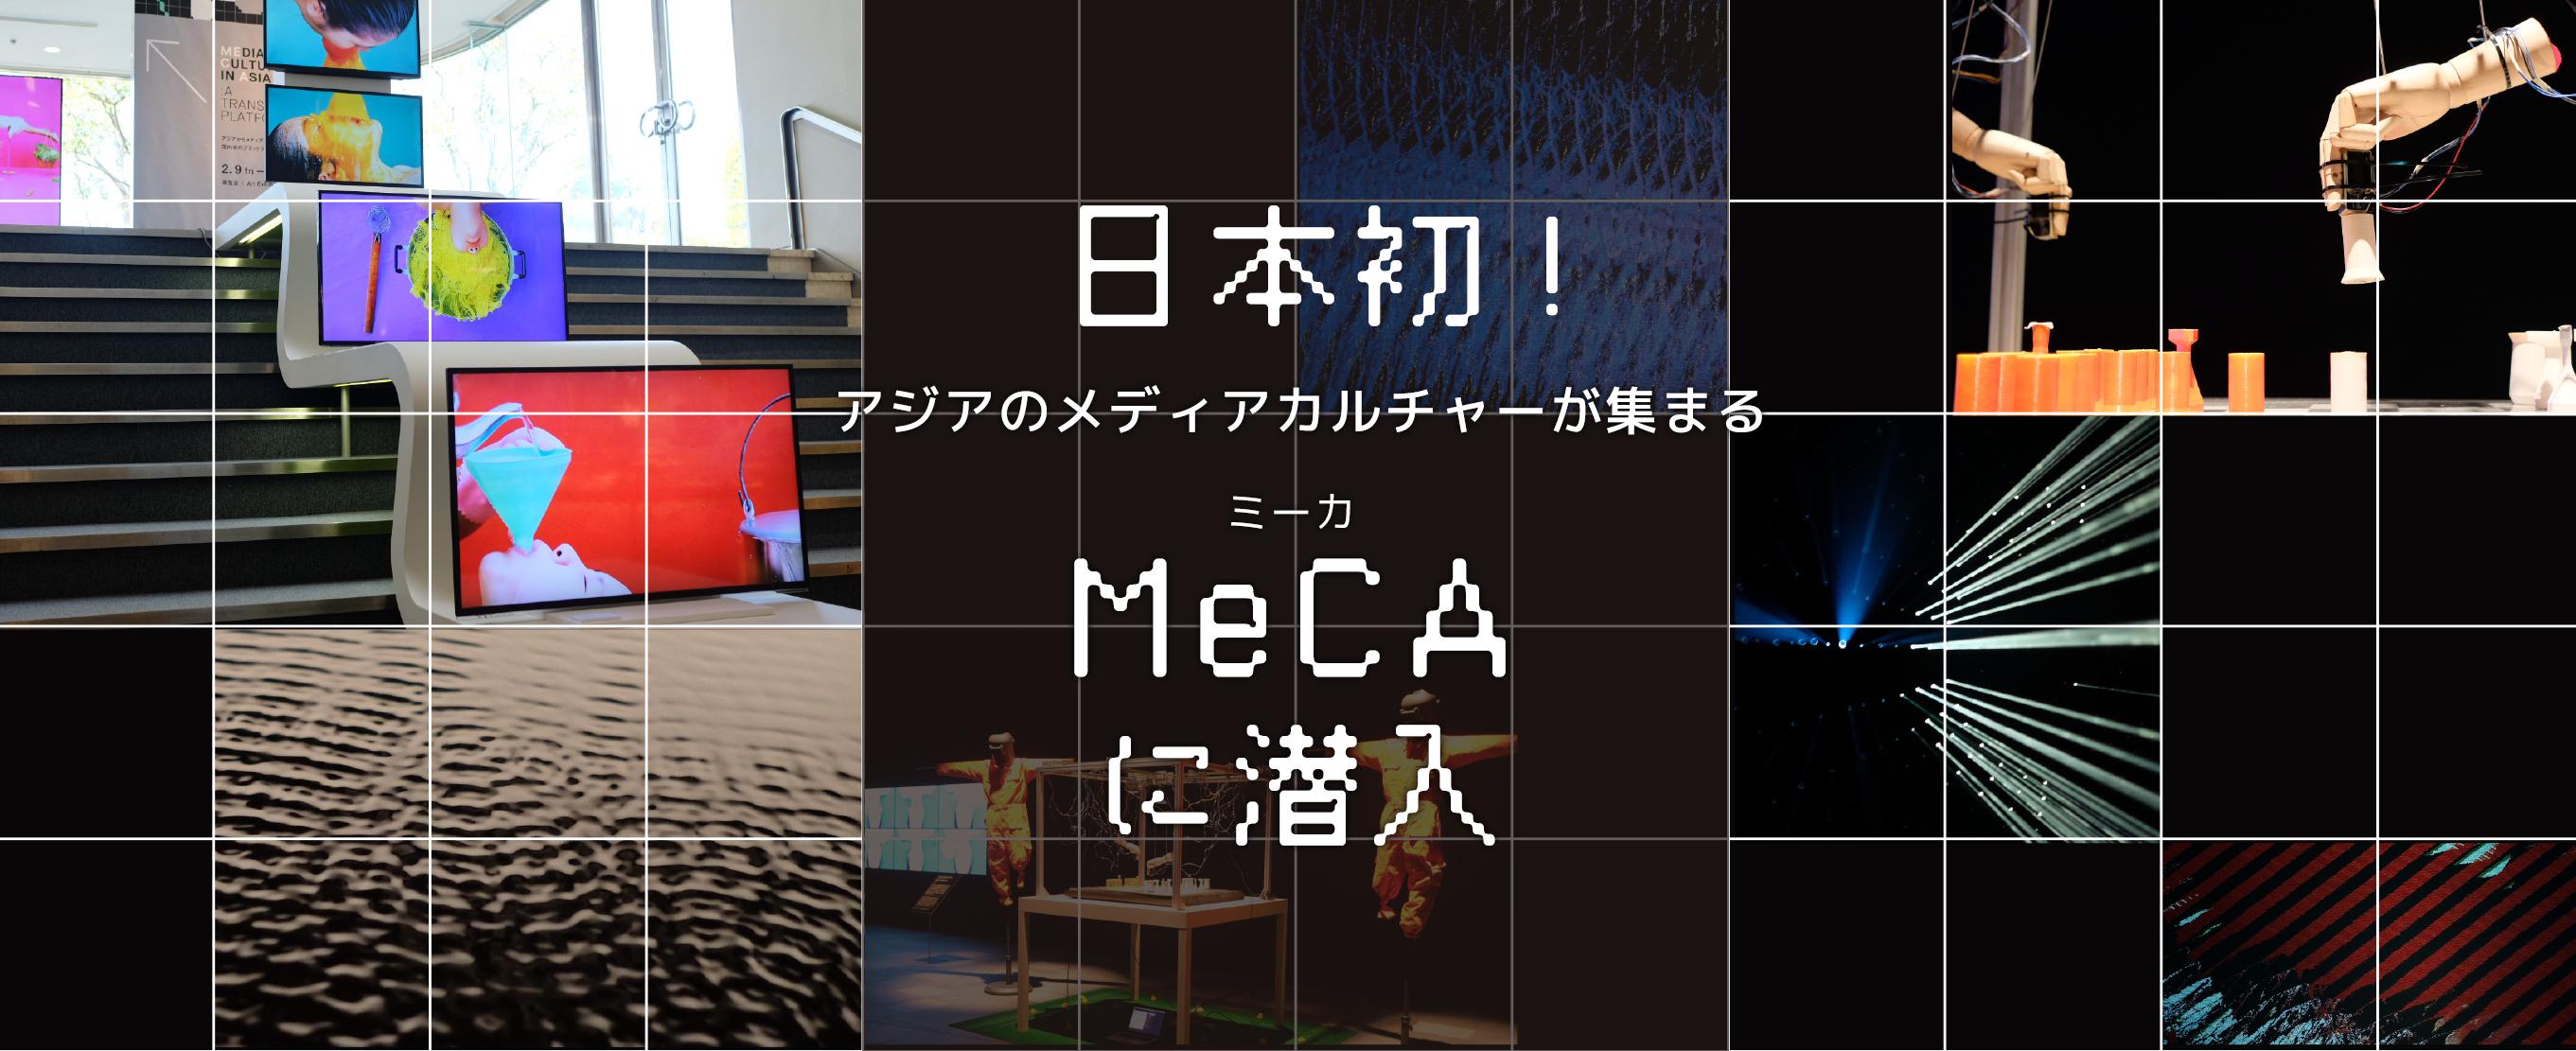 日本初!アジアのメディアカルチャーが集まるMeCA(ミーカ)に潜入